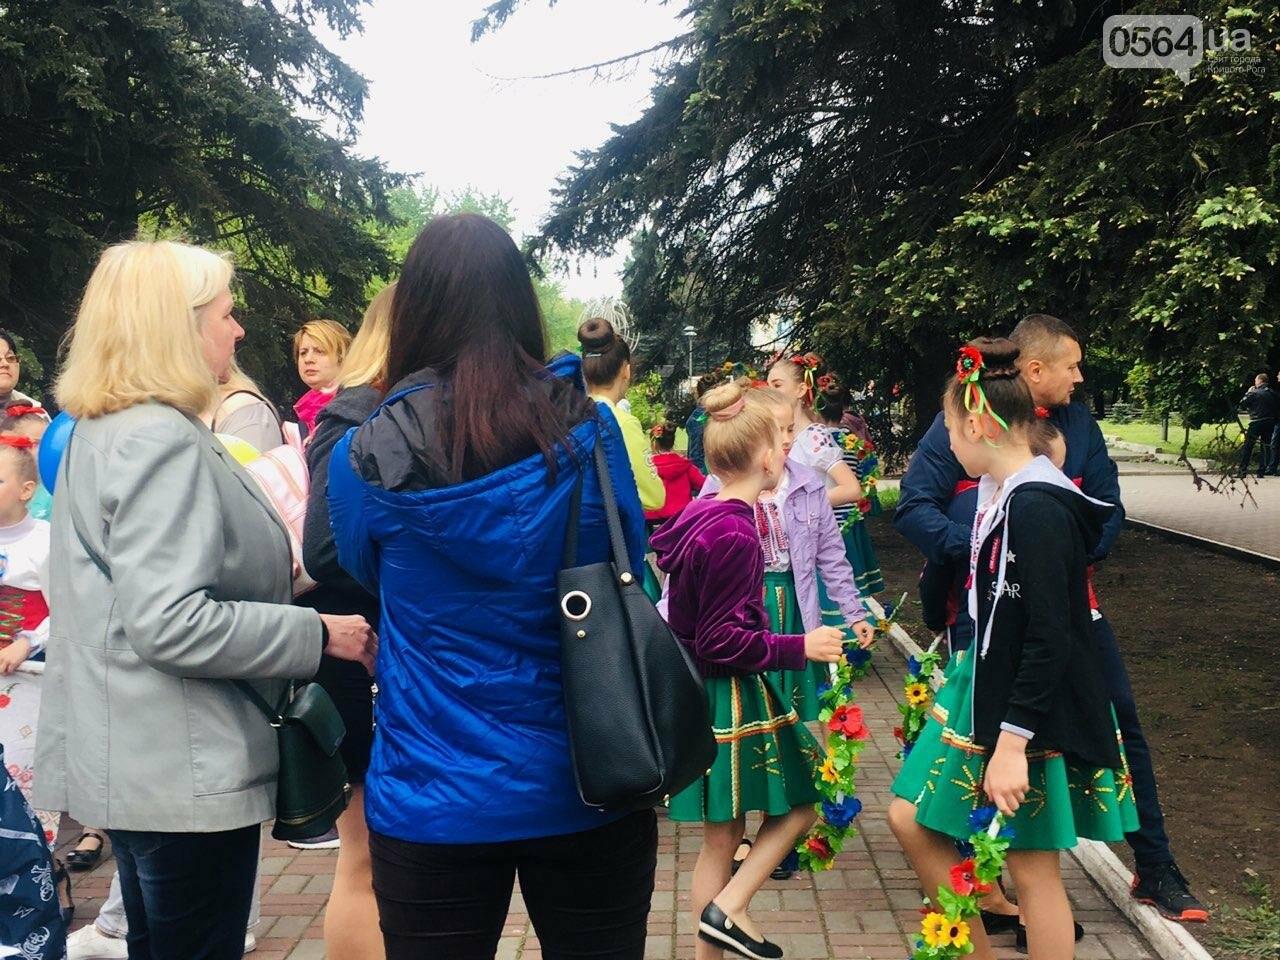 """9 мая в Кривом Роге: """"Марш мира"""" в Покровском районе стал самым массовым мероприятием, - ФОТО, фото-6"""